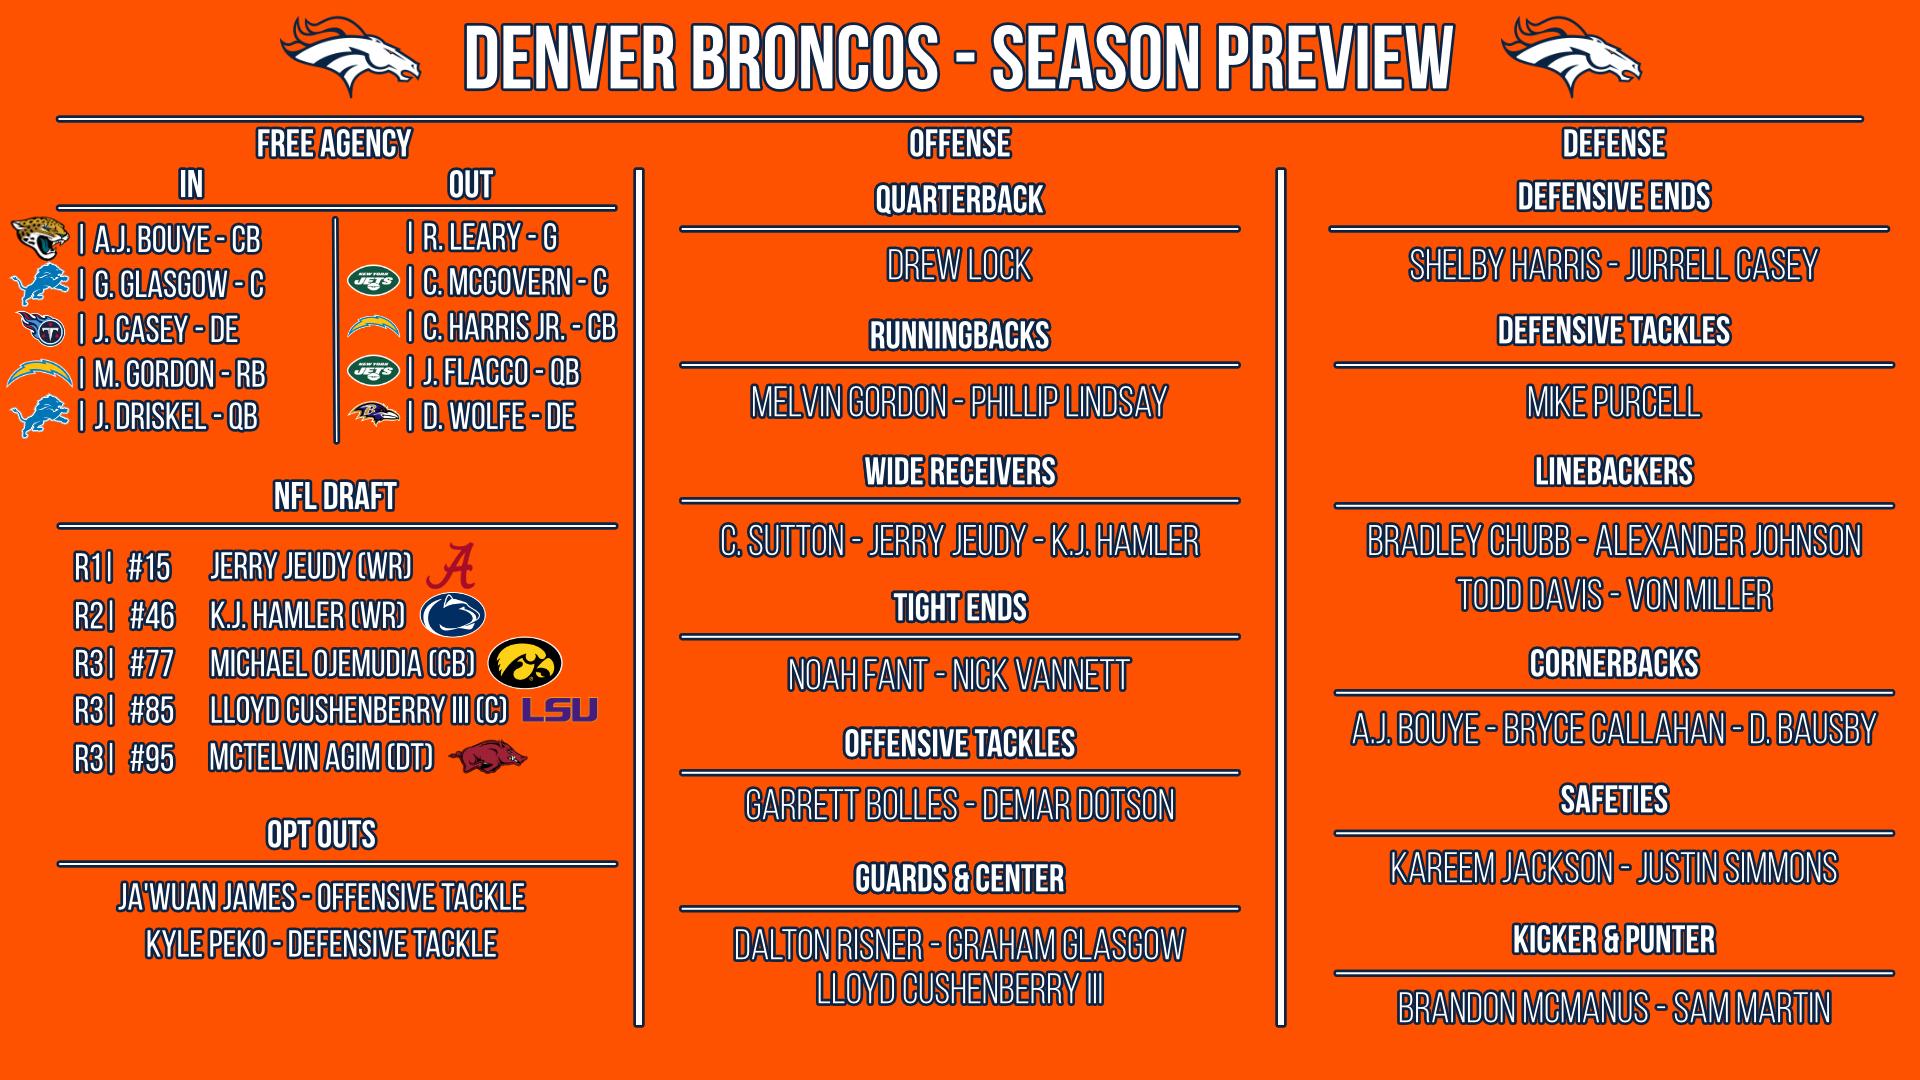 Denver Broncos preview